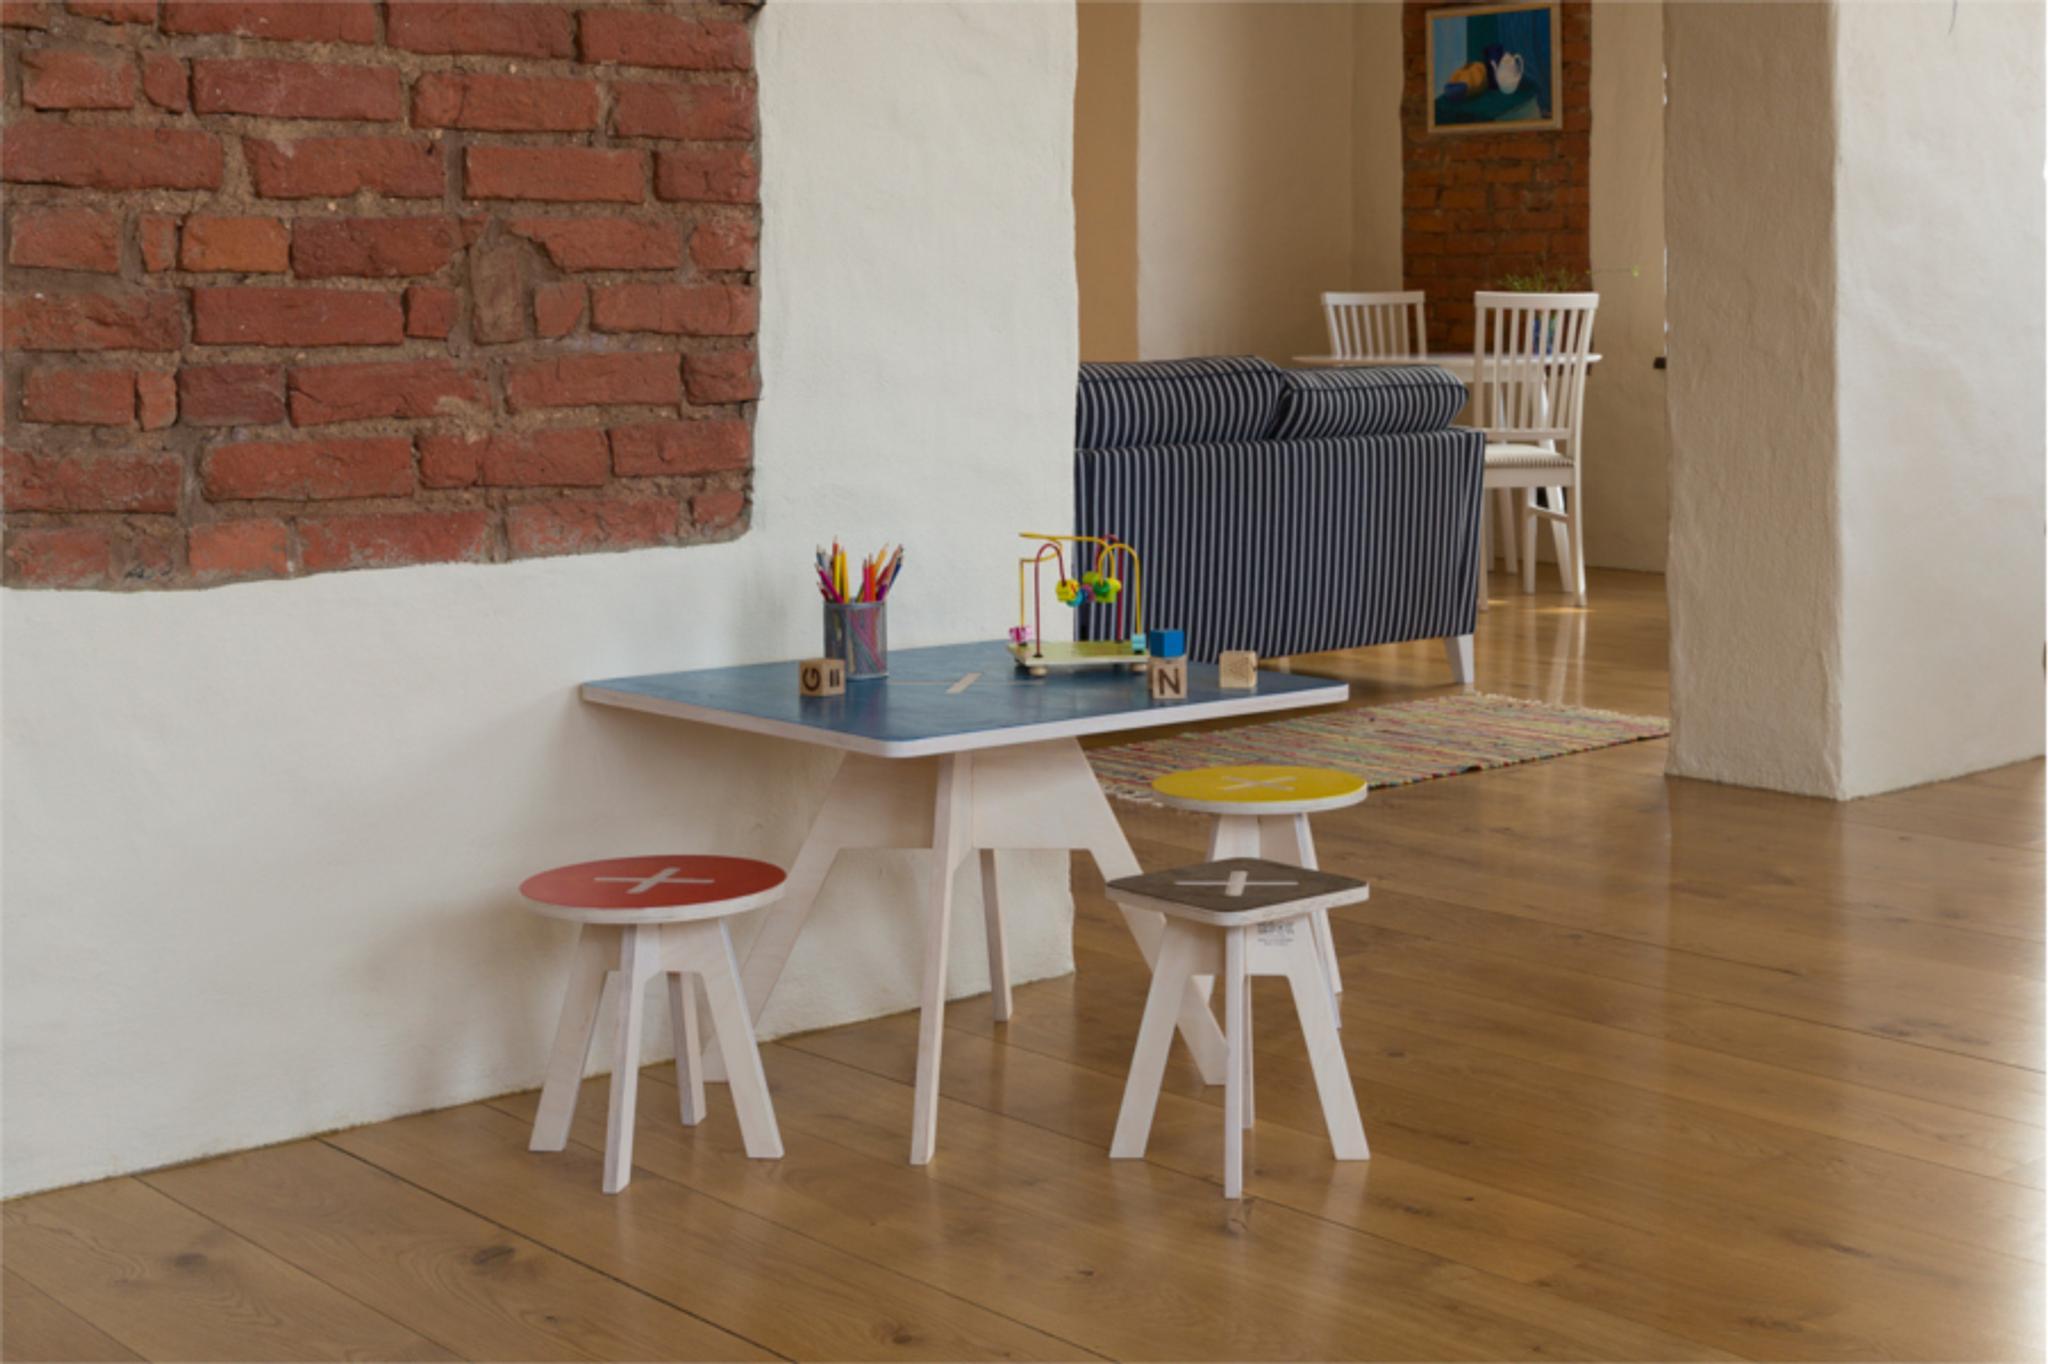 Kinderzimmer einrichten mit tipps & ideen